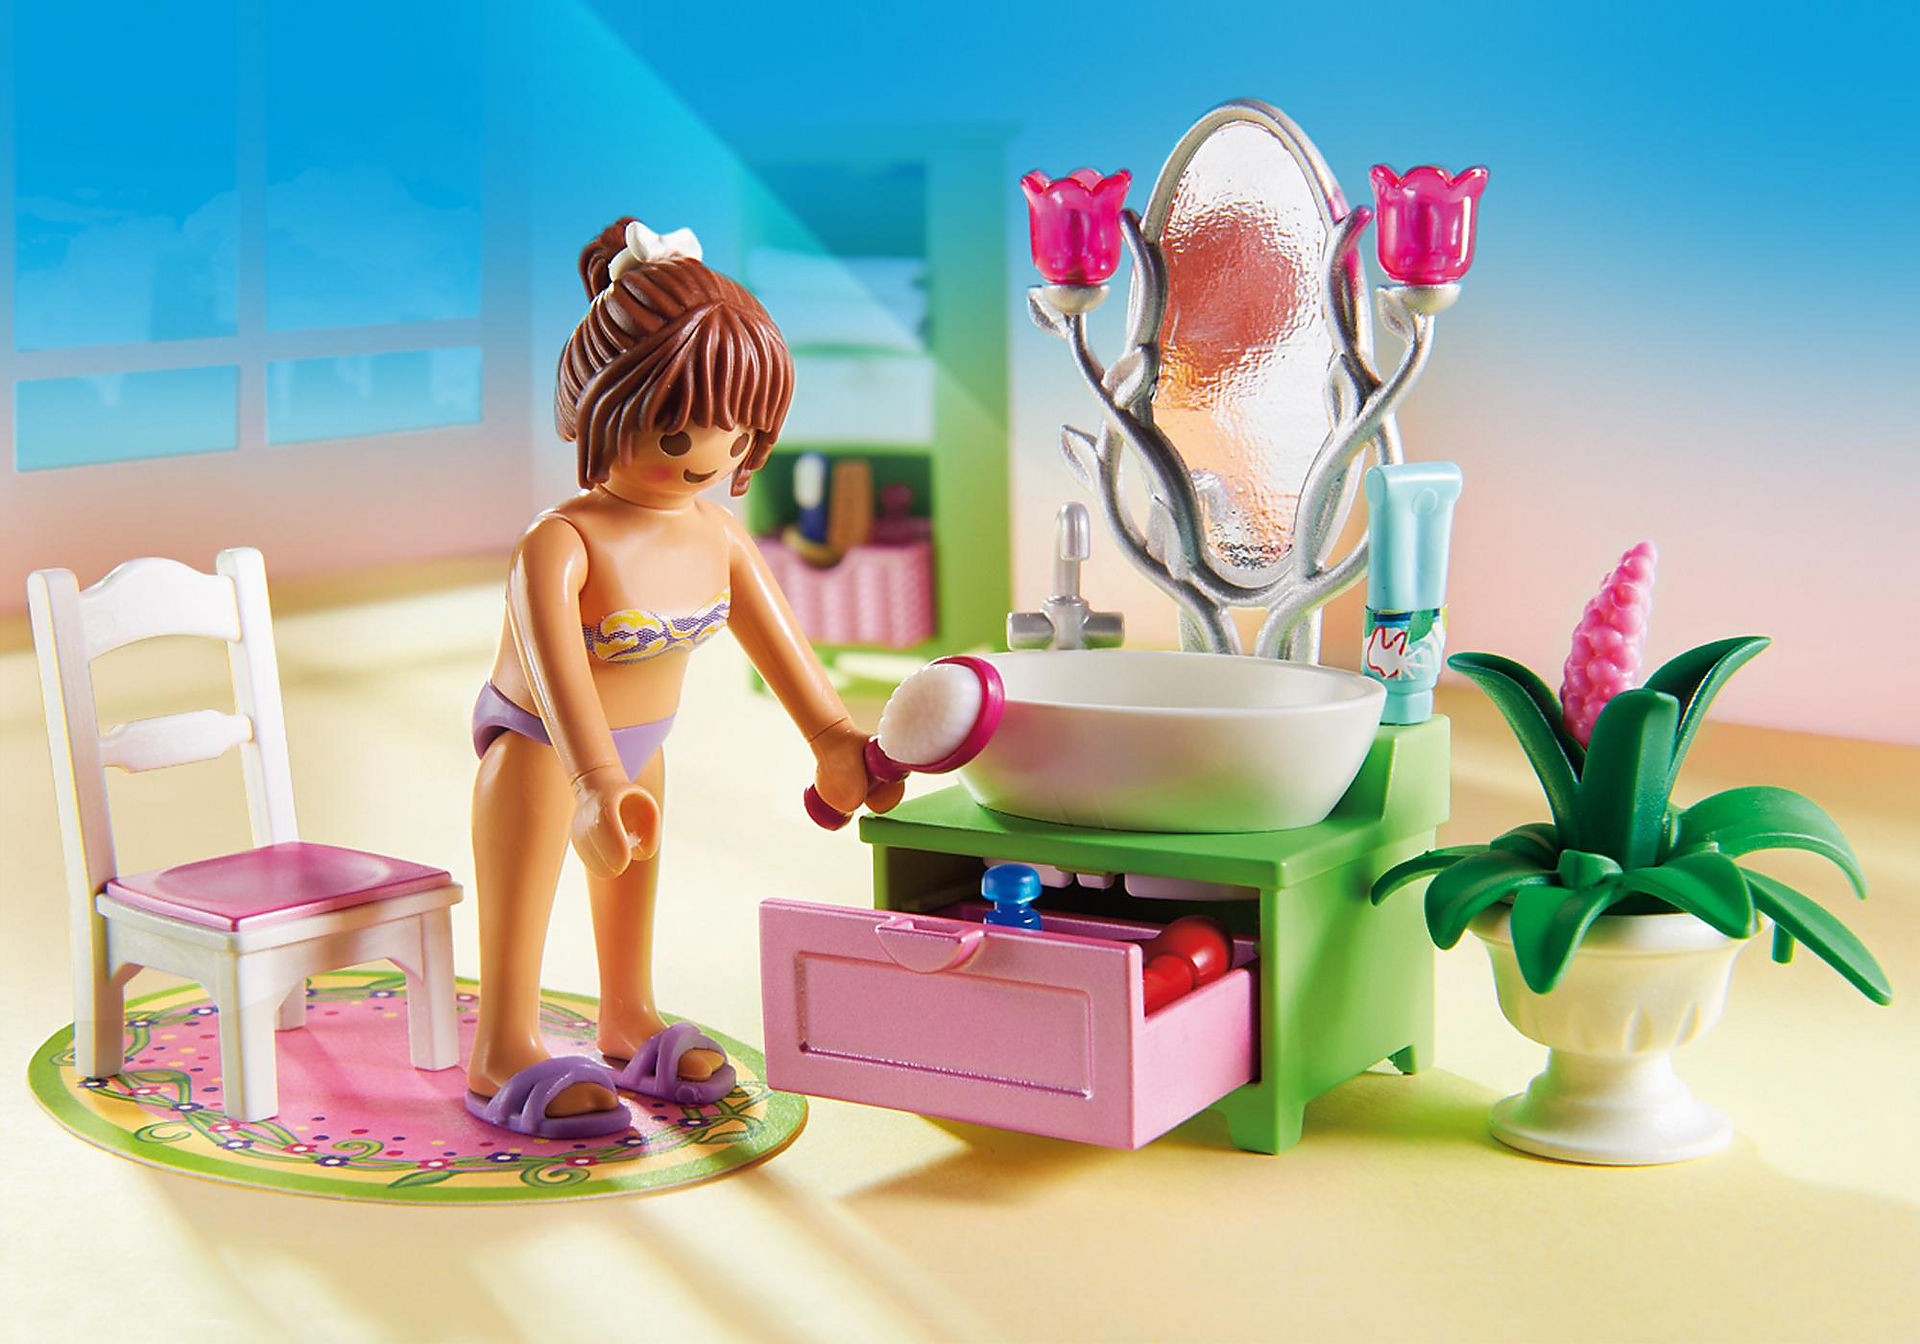 http://media.playmobil.com/i/playmobil/5307_product_extra1/Casa de Banho Vintage